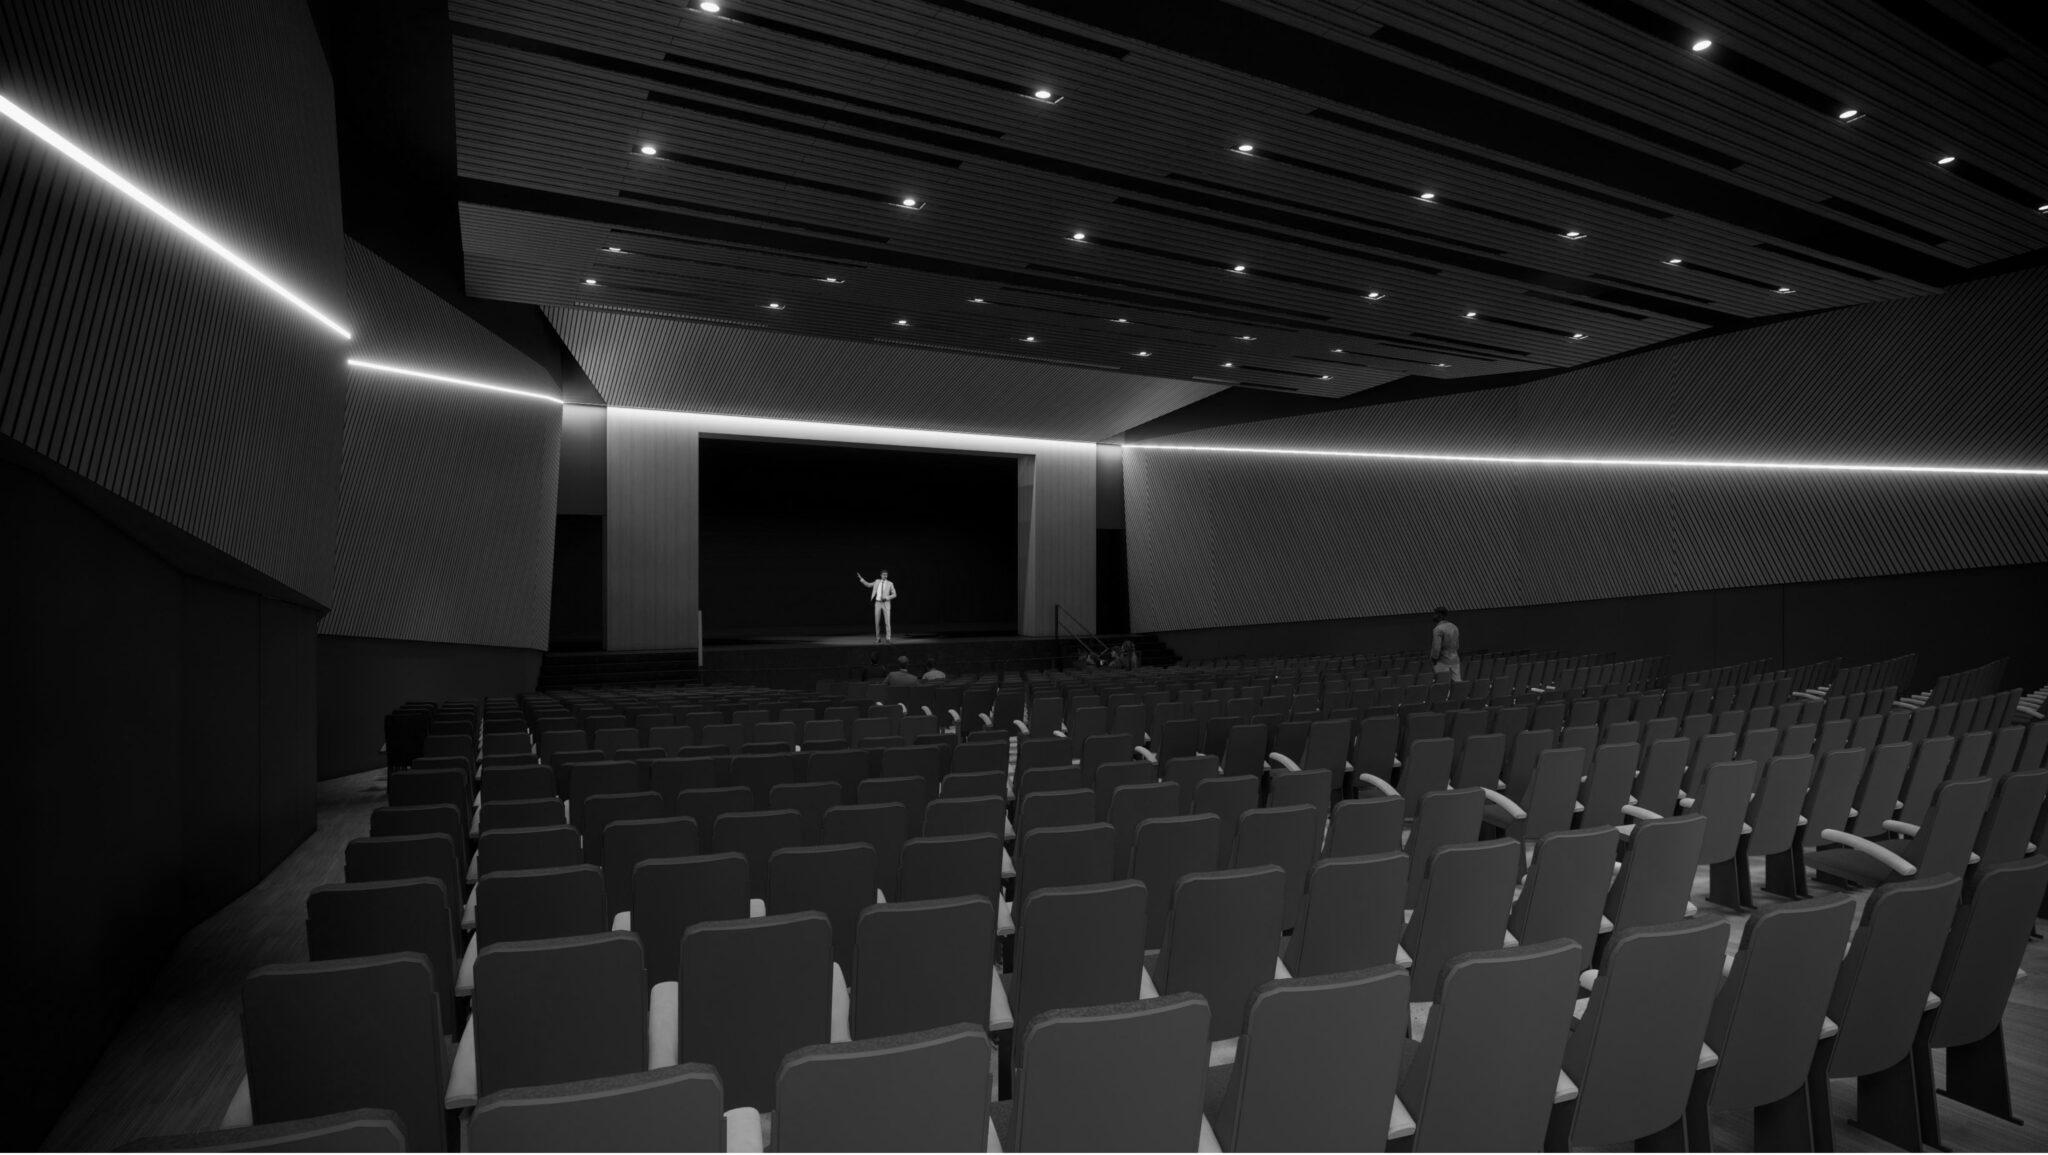 Harlandale ISD McCollum Auditorium Rendering